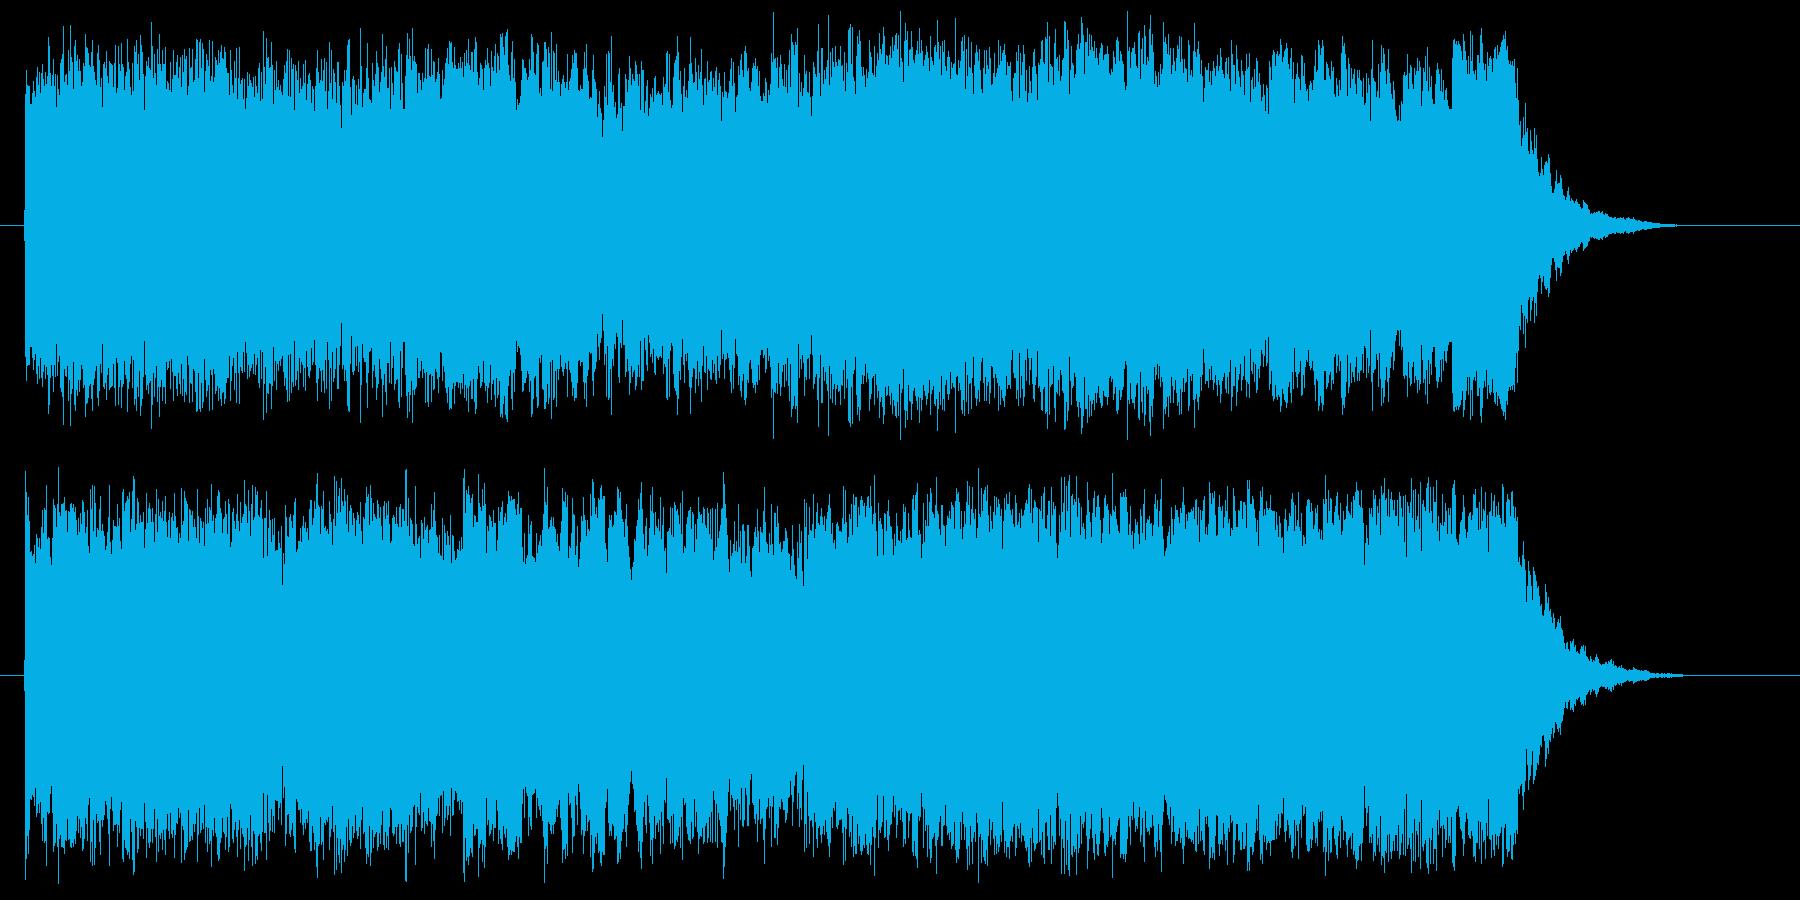 スケール感のあるオーケストラの再生済みの波形